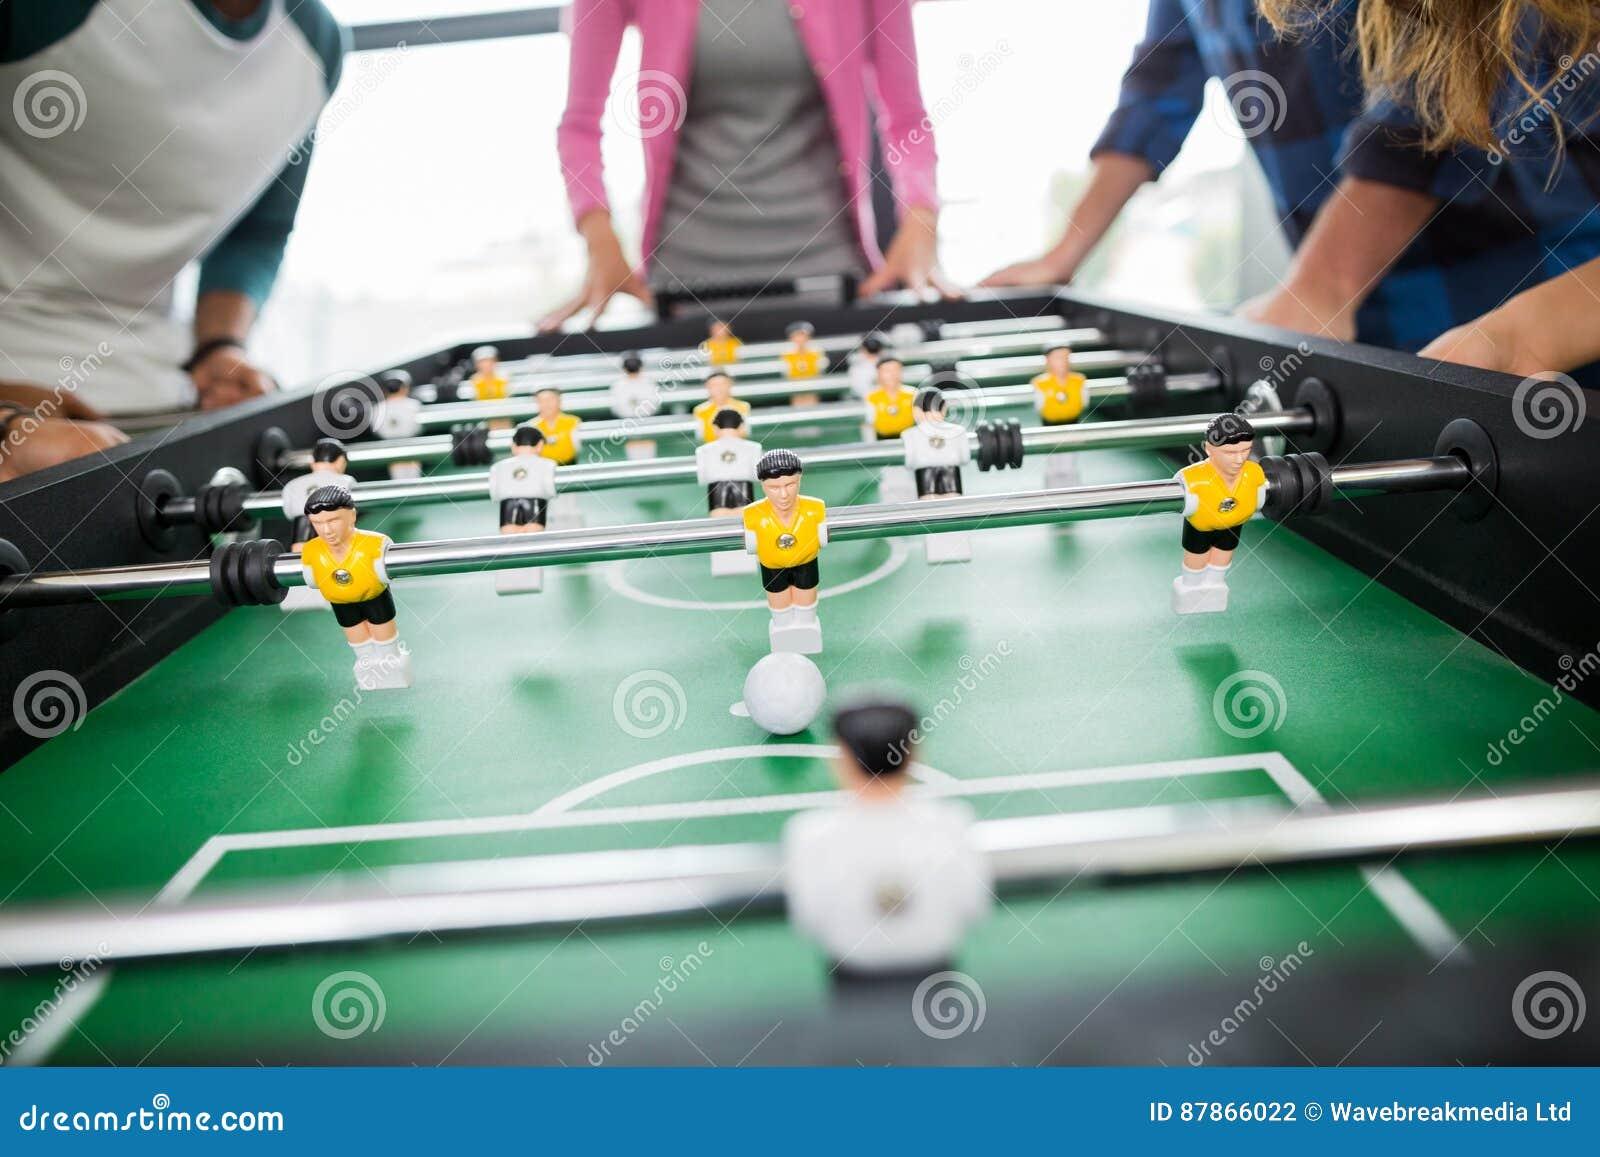 Mi section des cadres jouant le football de table